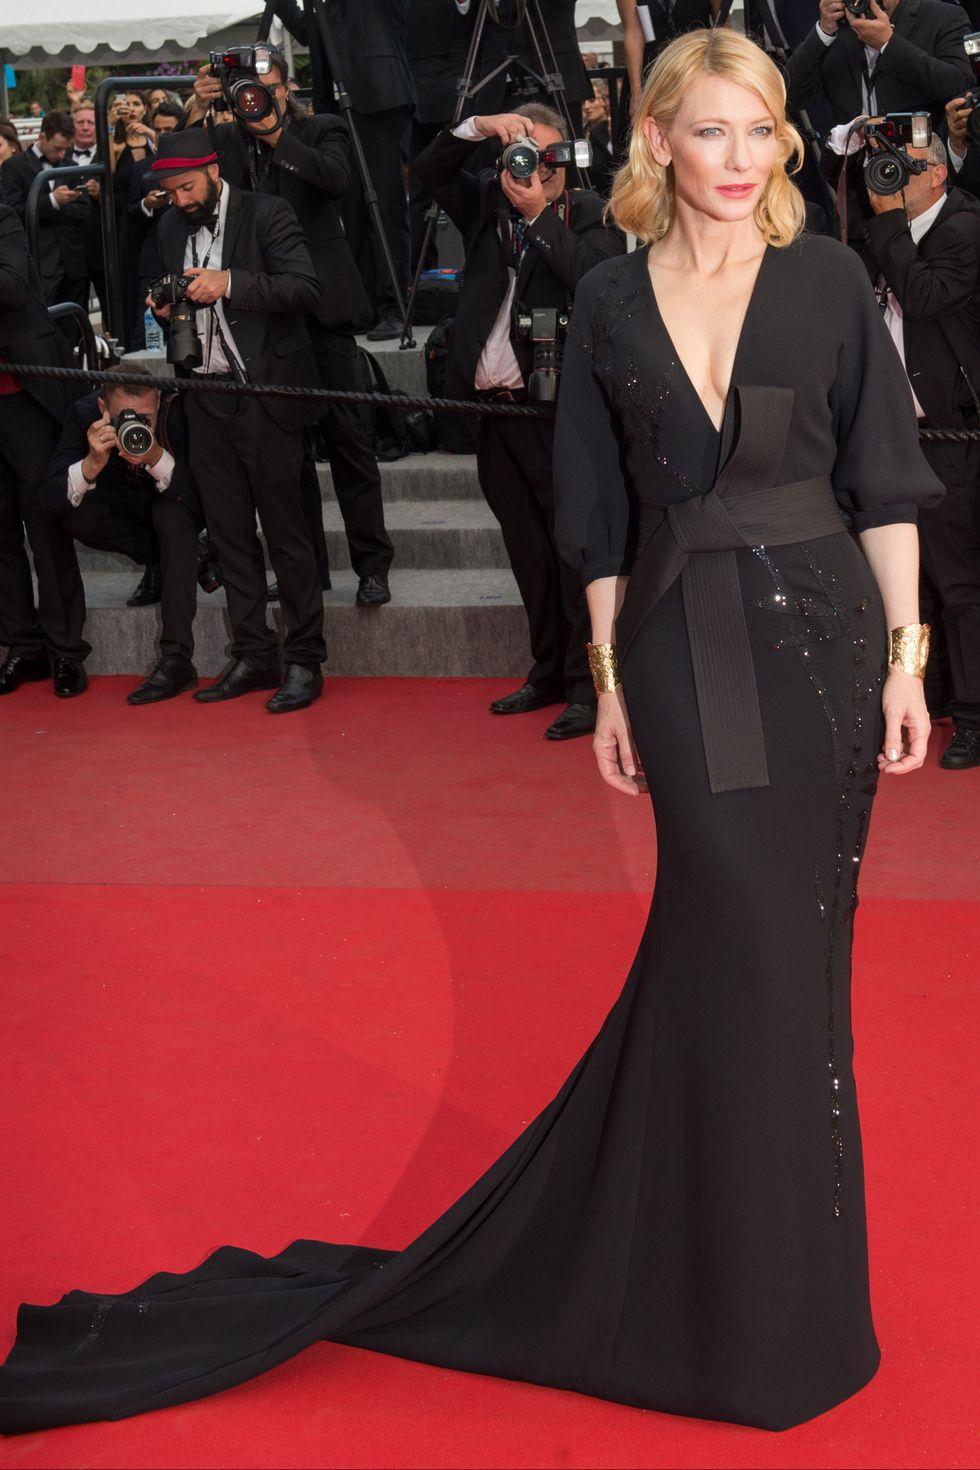 كايت بلانشيت في فستان من ارماني عام ٢٠١٥